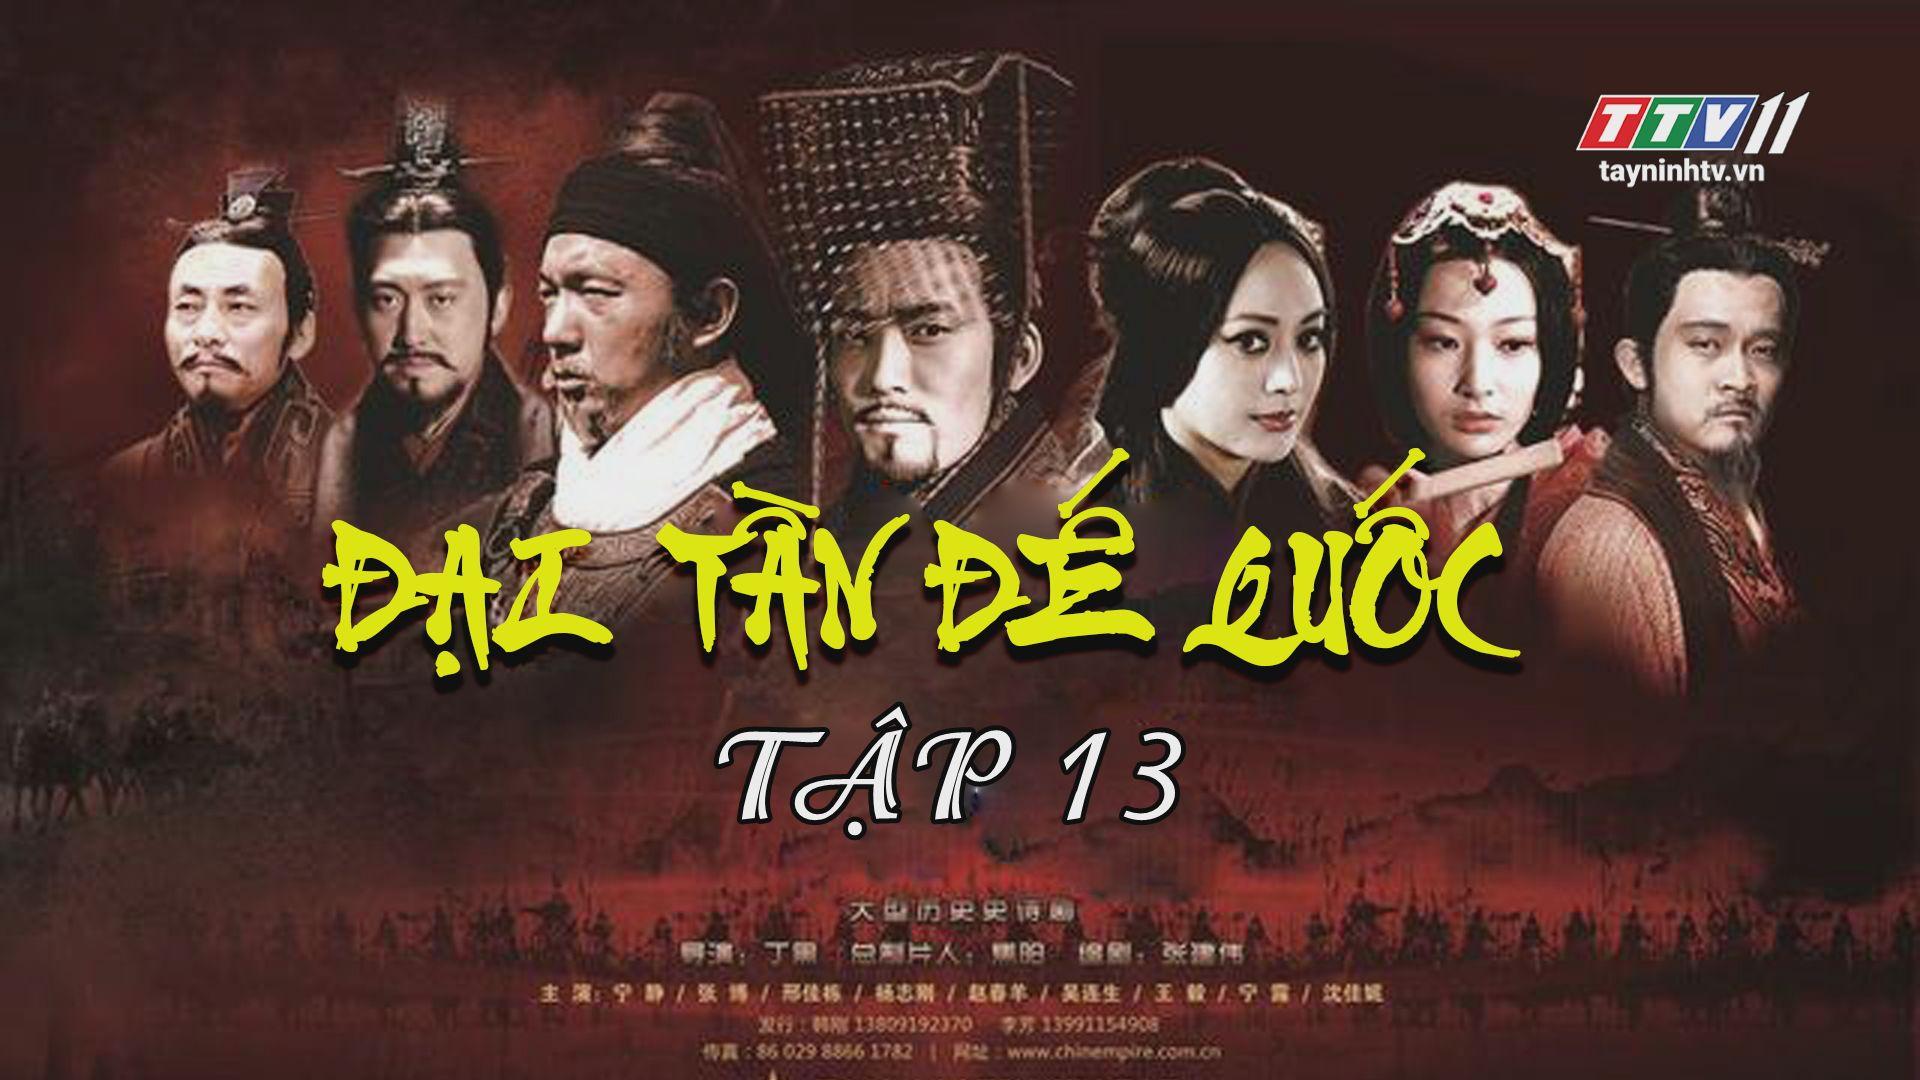 Tập 13 | ĐẠI TẦN ĐẾ QUỐC - Phần 3 | TayNinhTV